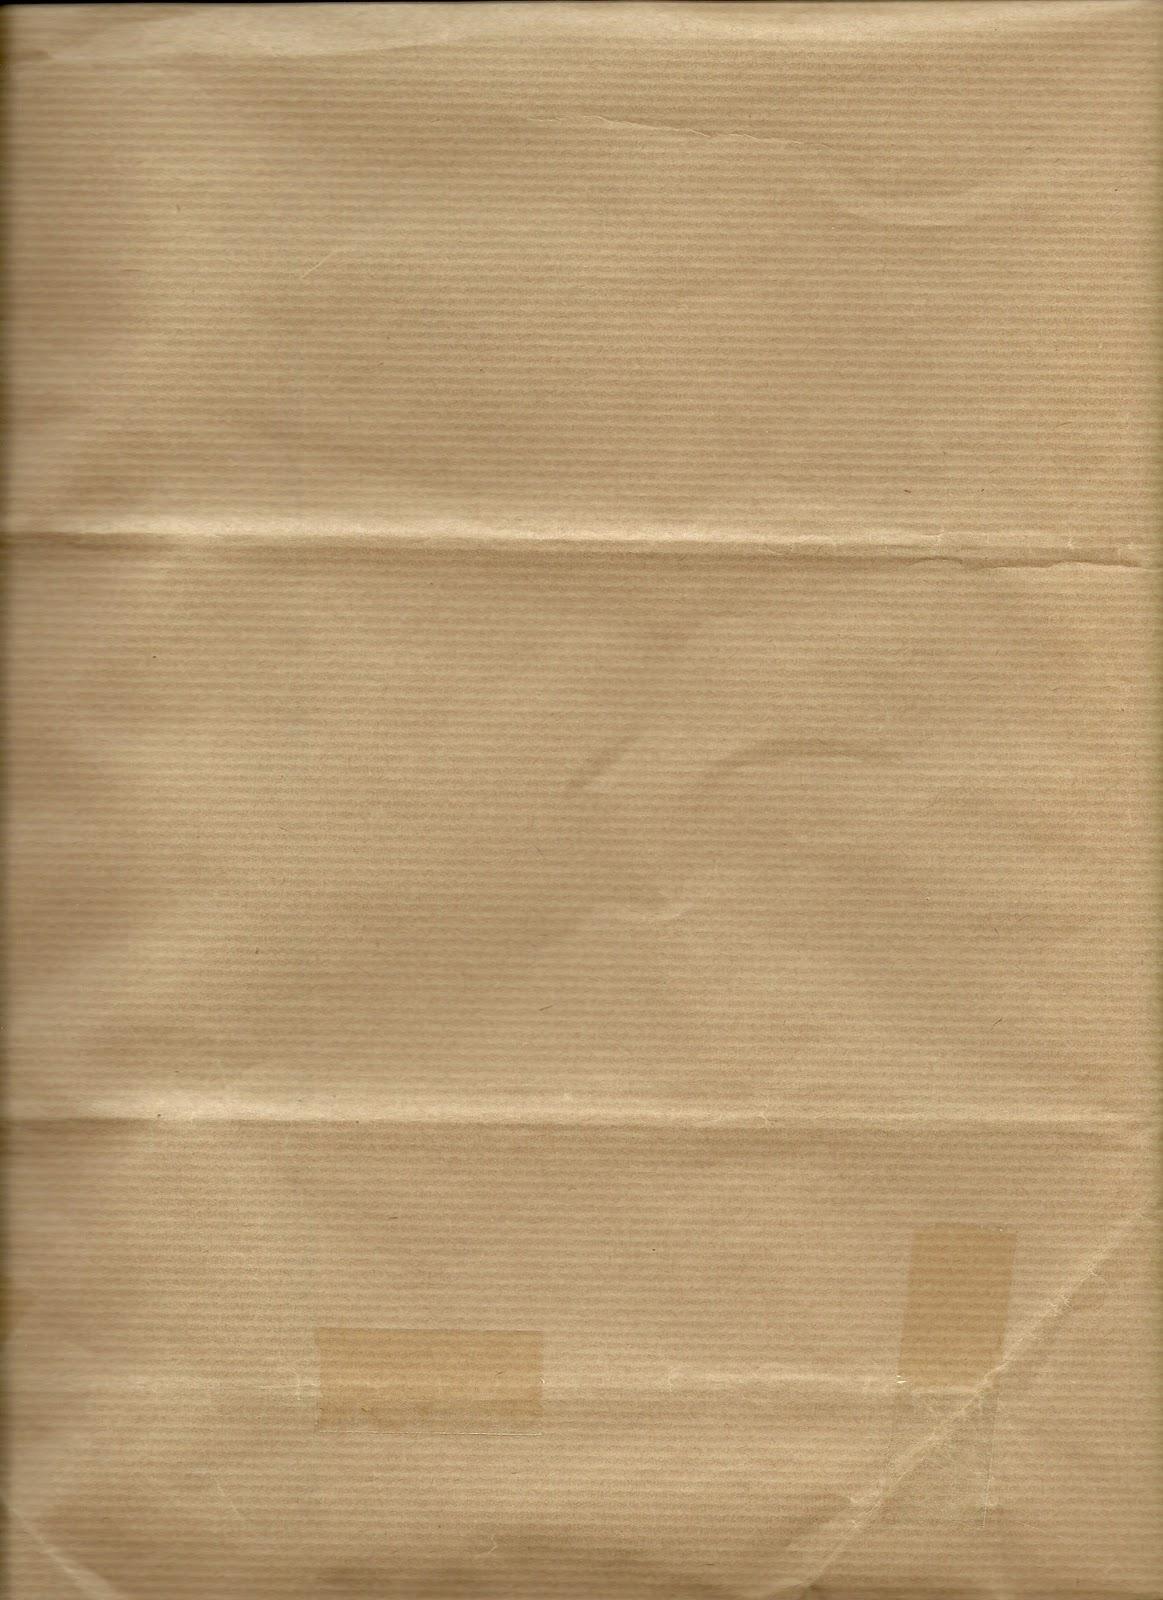 textura carton